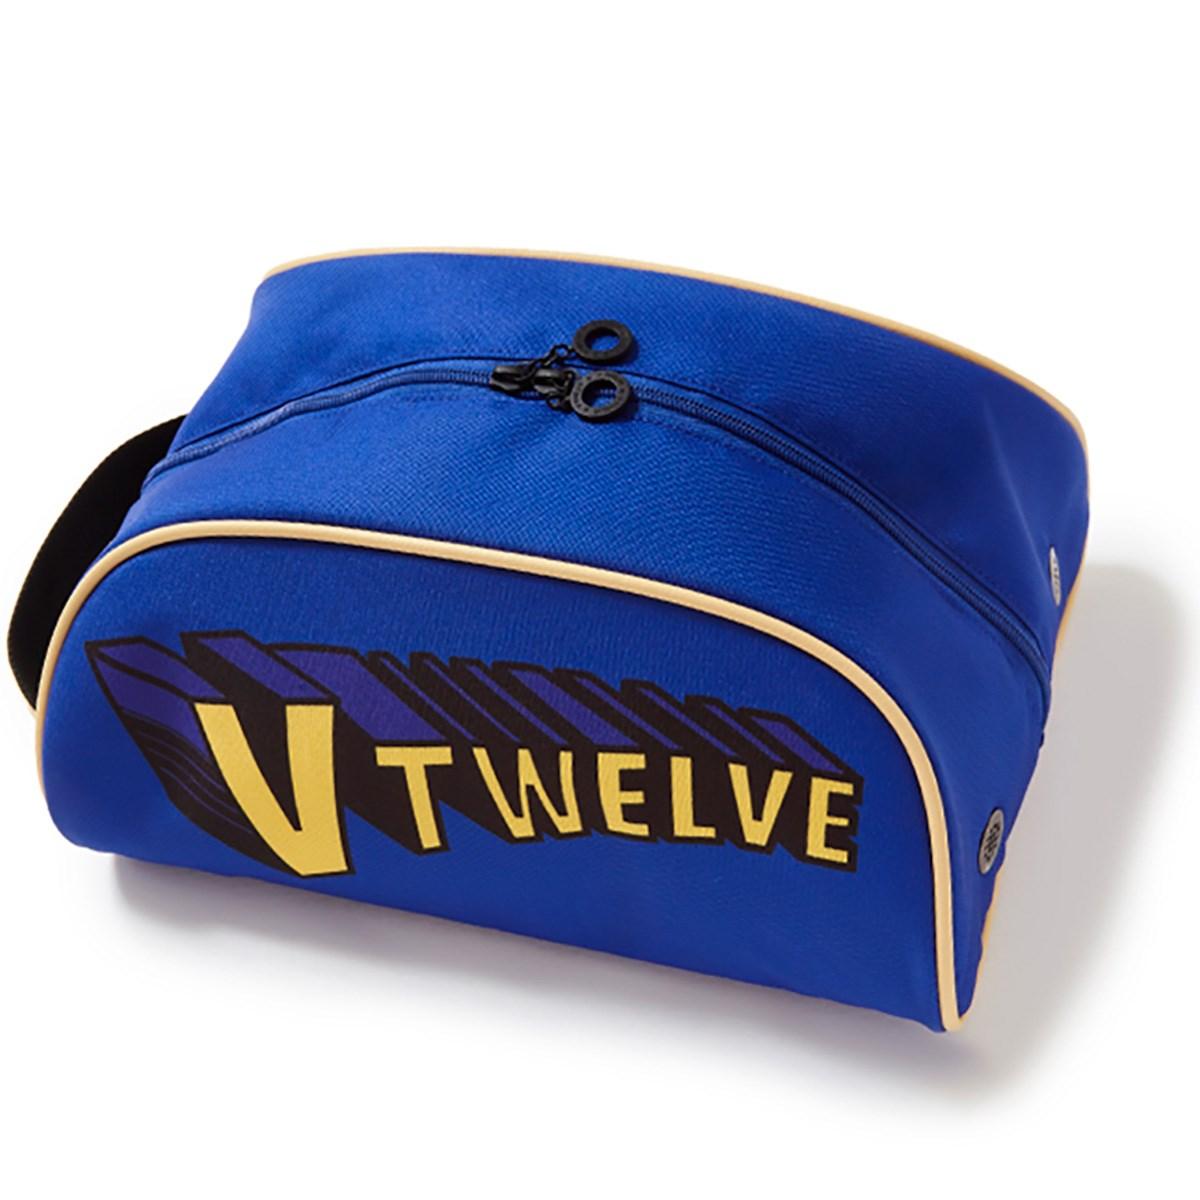 ヴィ・トゥエルヴ SUPER V12 シューズケース